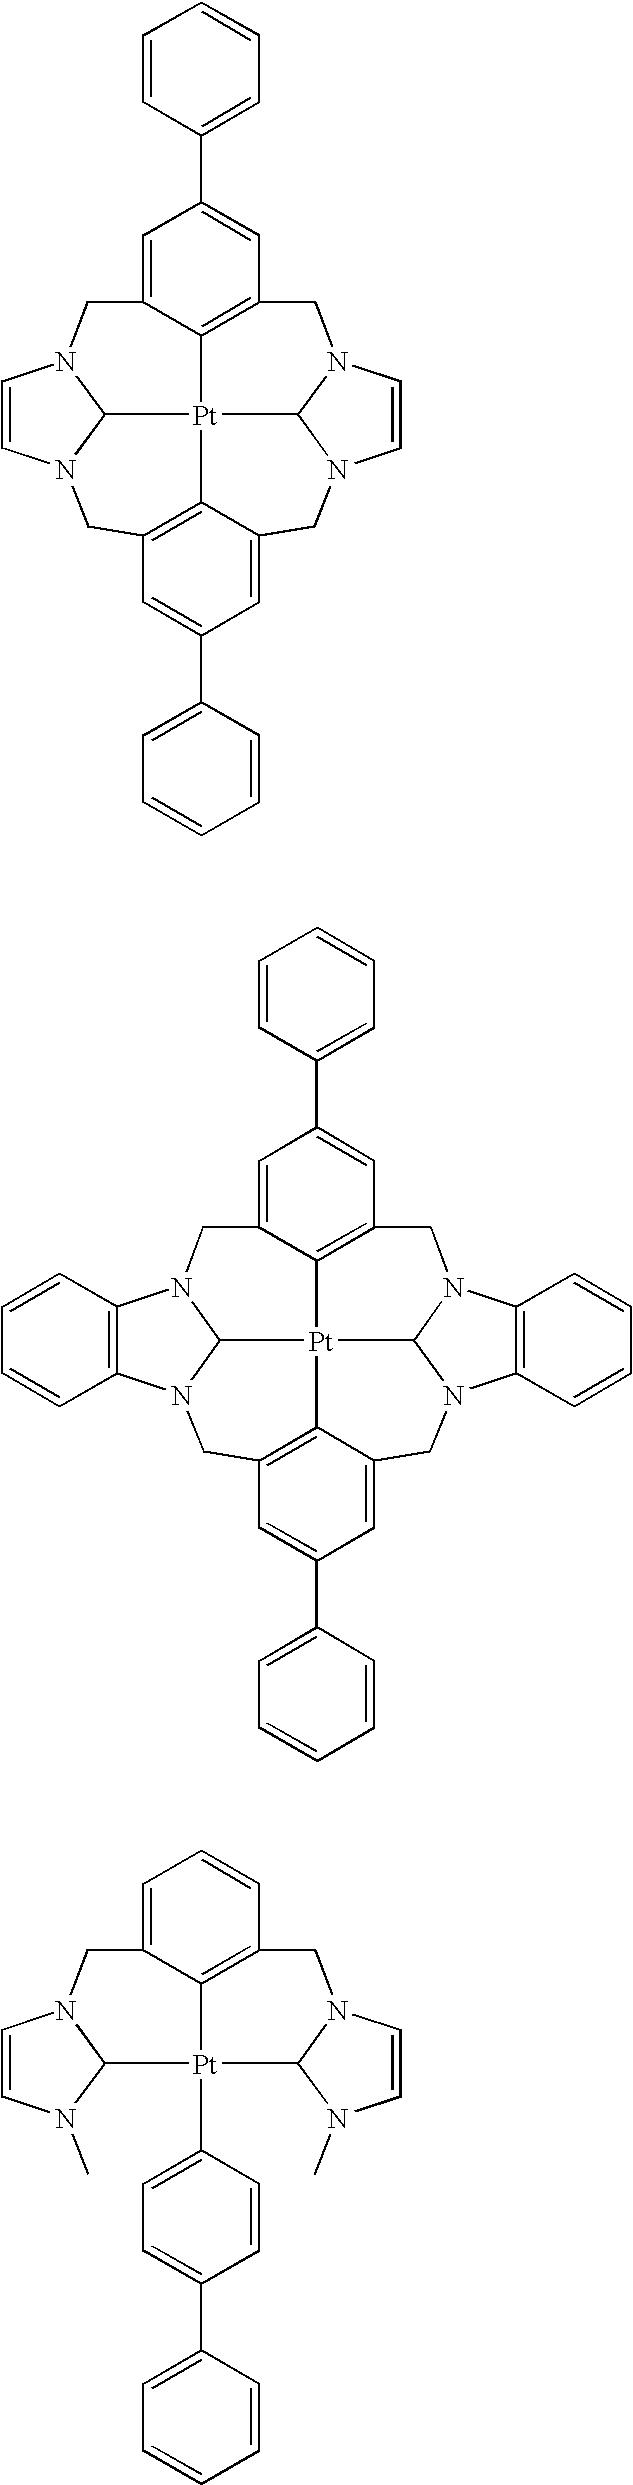 Figure US20050260445A1-20051124-C00065